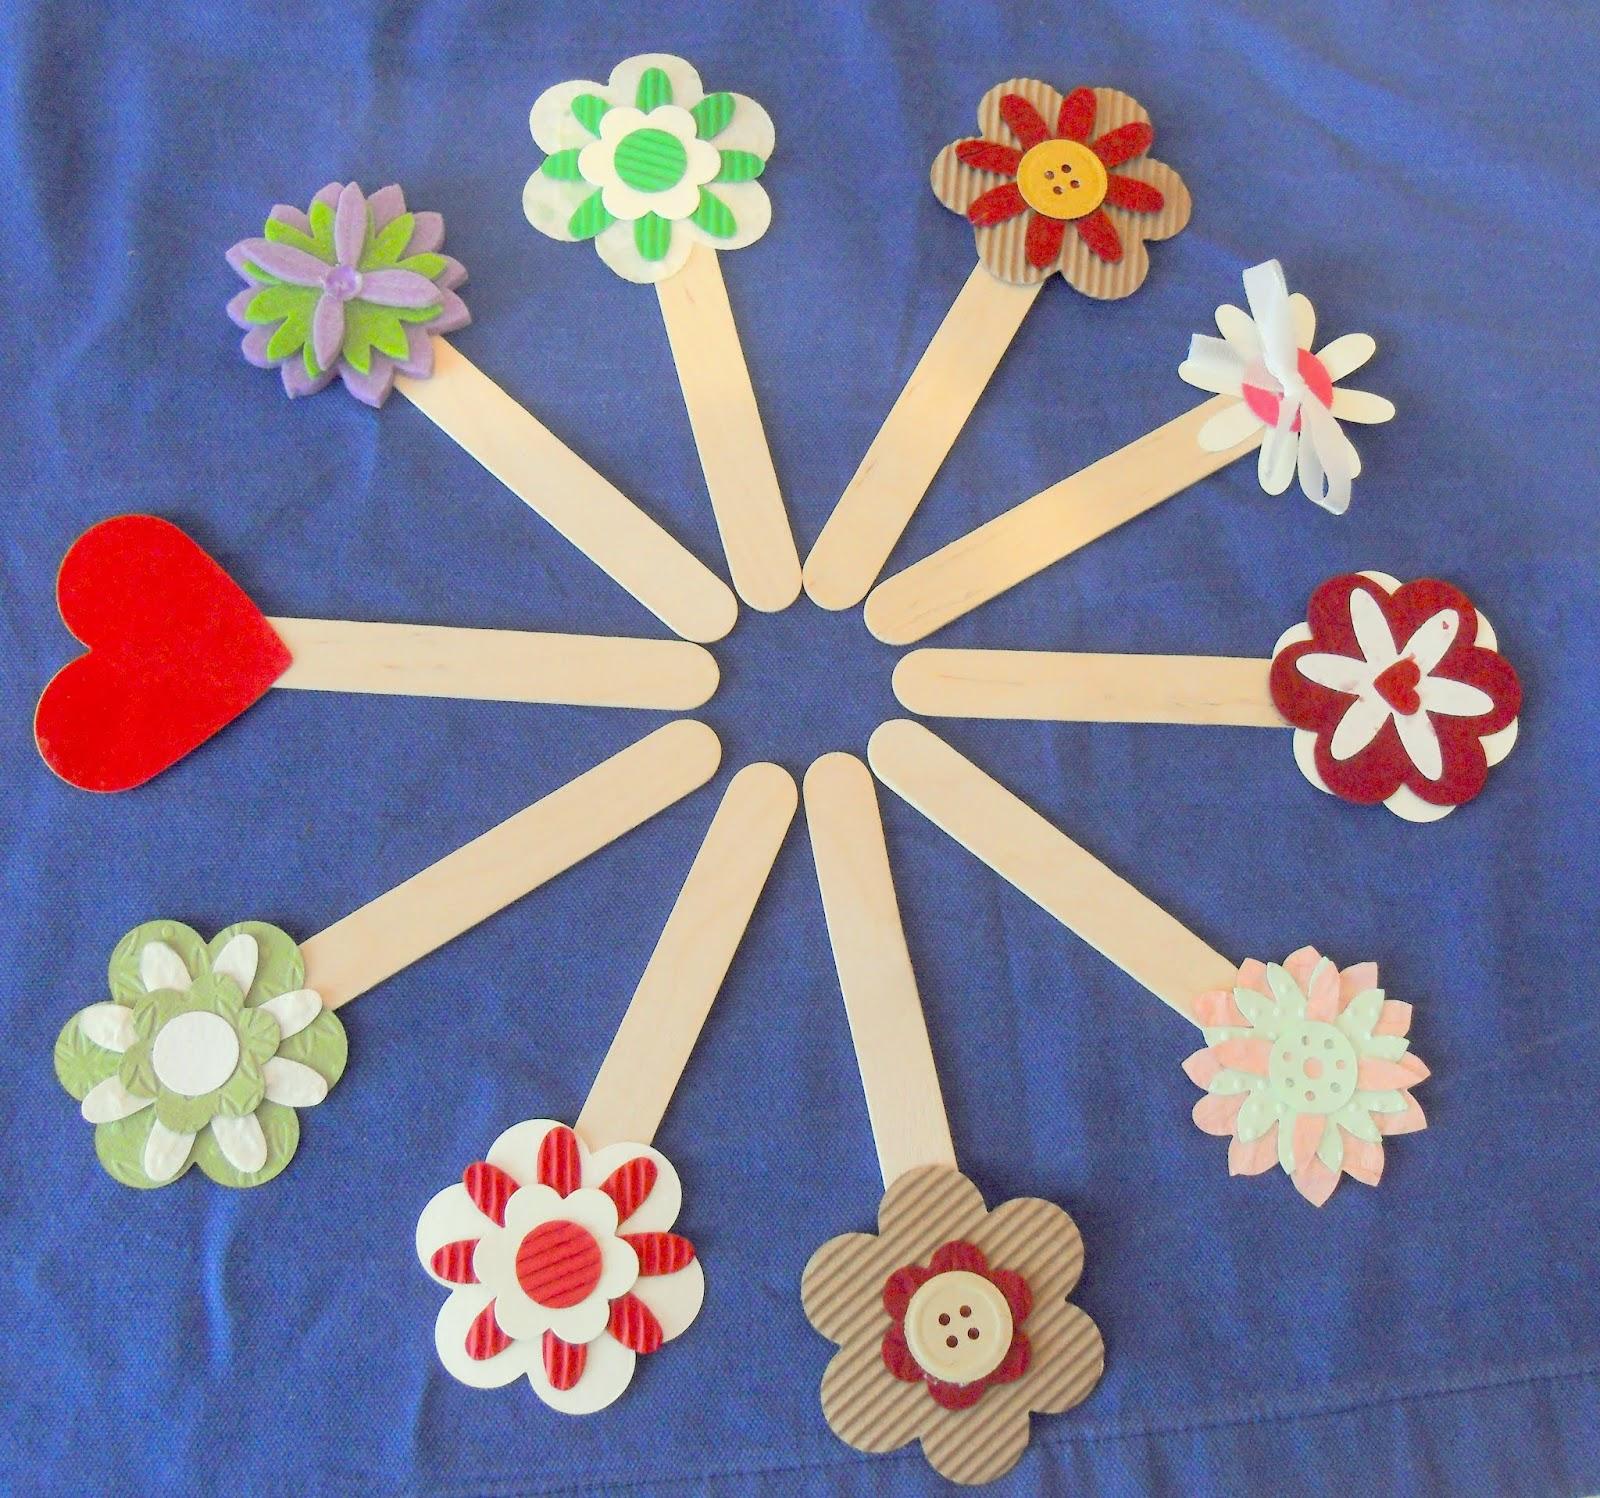 Lumaca matta handmade with love segnalibri abbassalingua for Lavoretti con abbassalingua